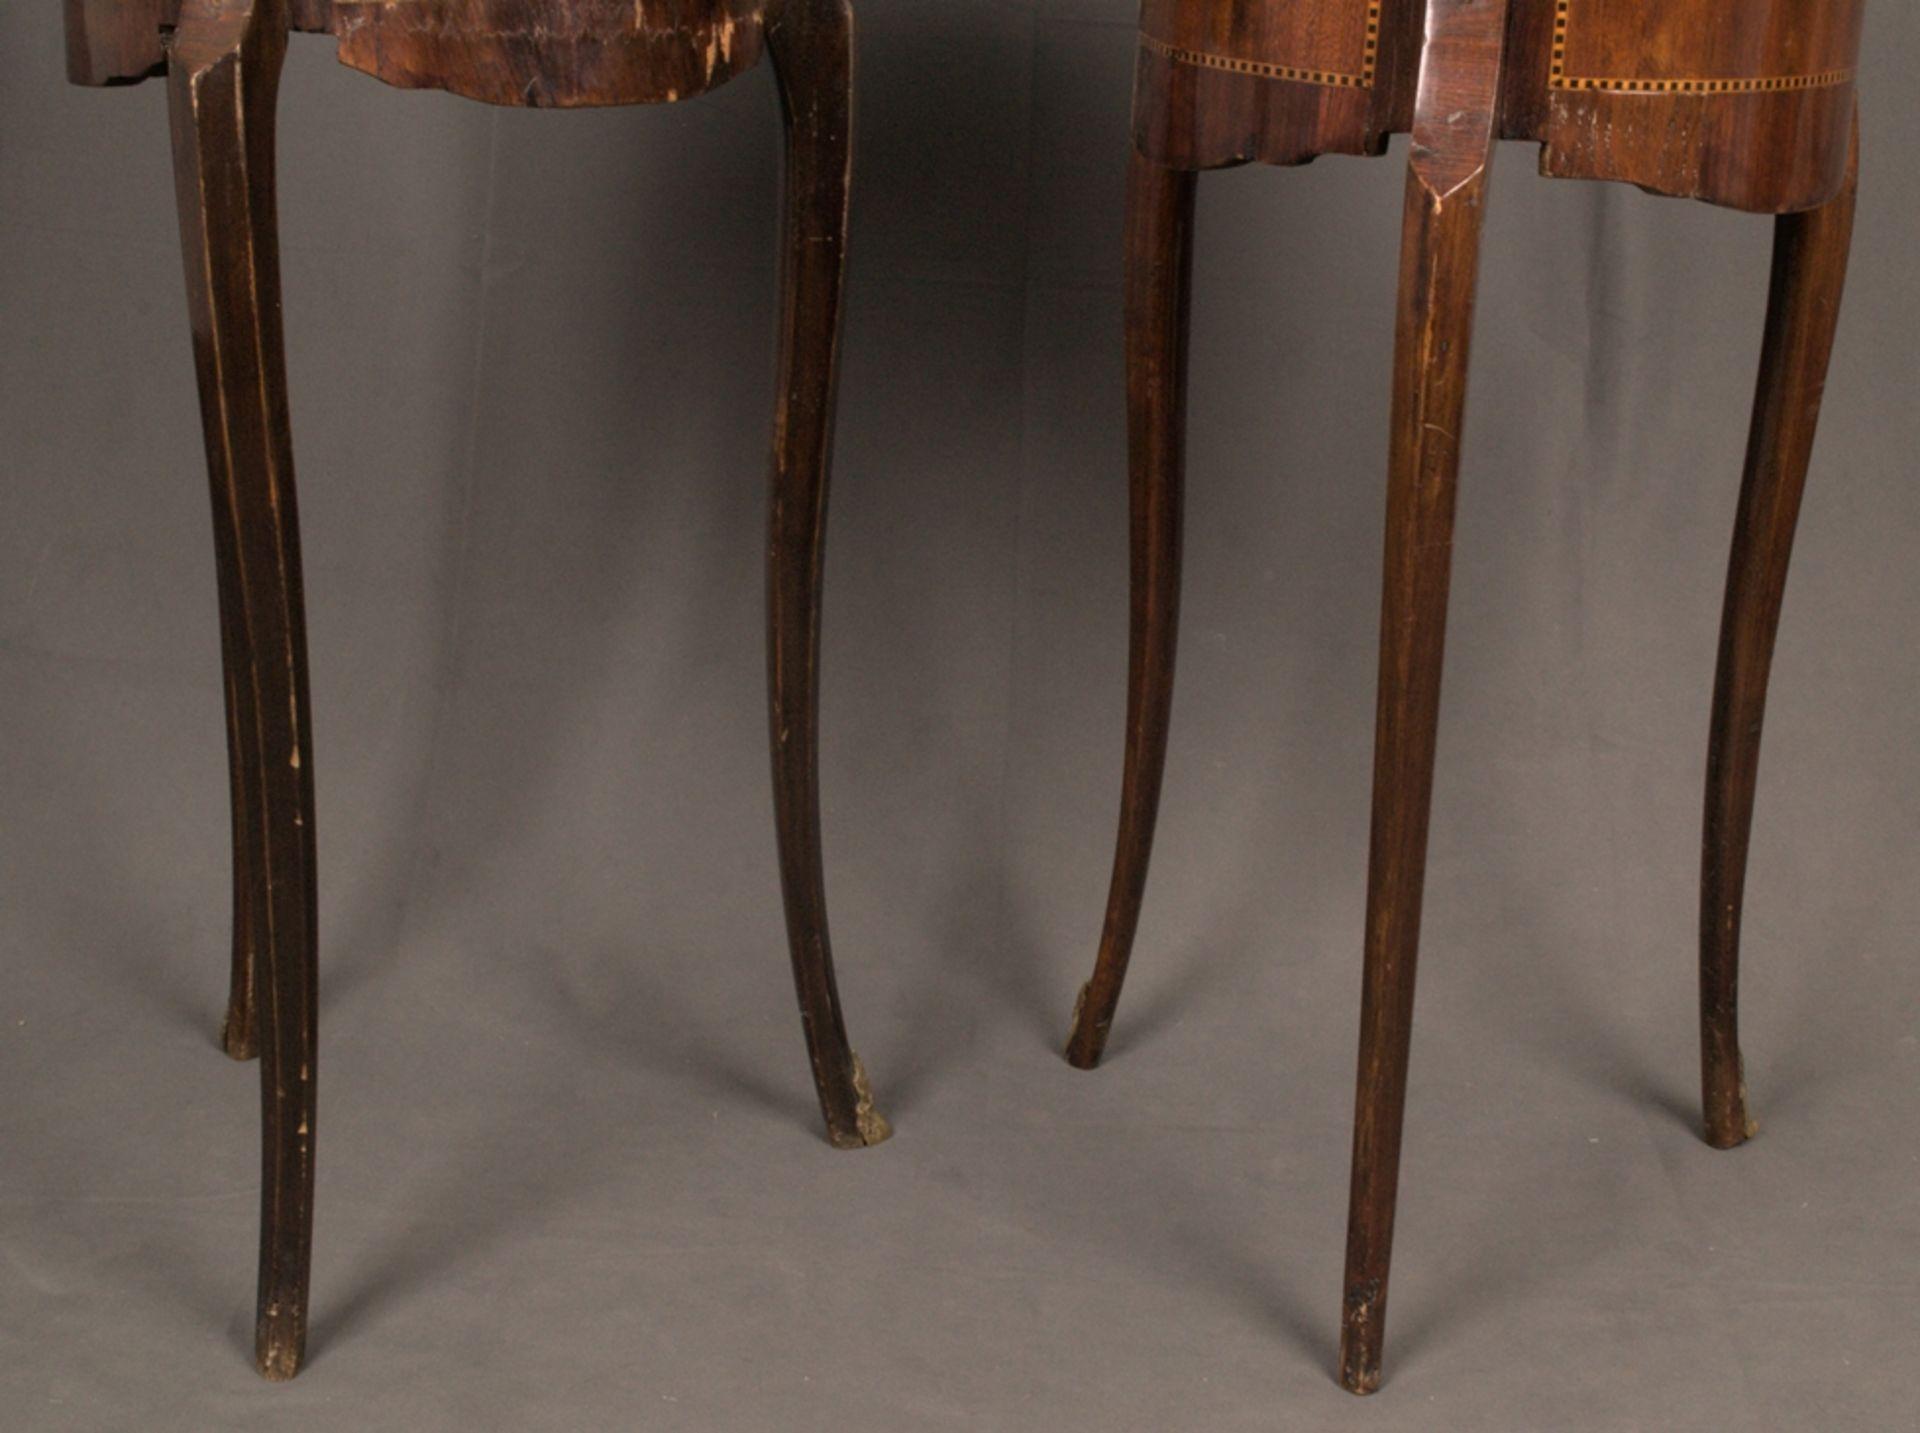 Paar eleganter, dreibeiniger Beistelltische sog. Gueridons, Frankreich 19./20. Jhd. Eintüriger - Bild 17 aus 19